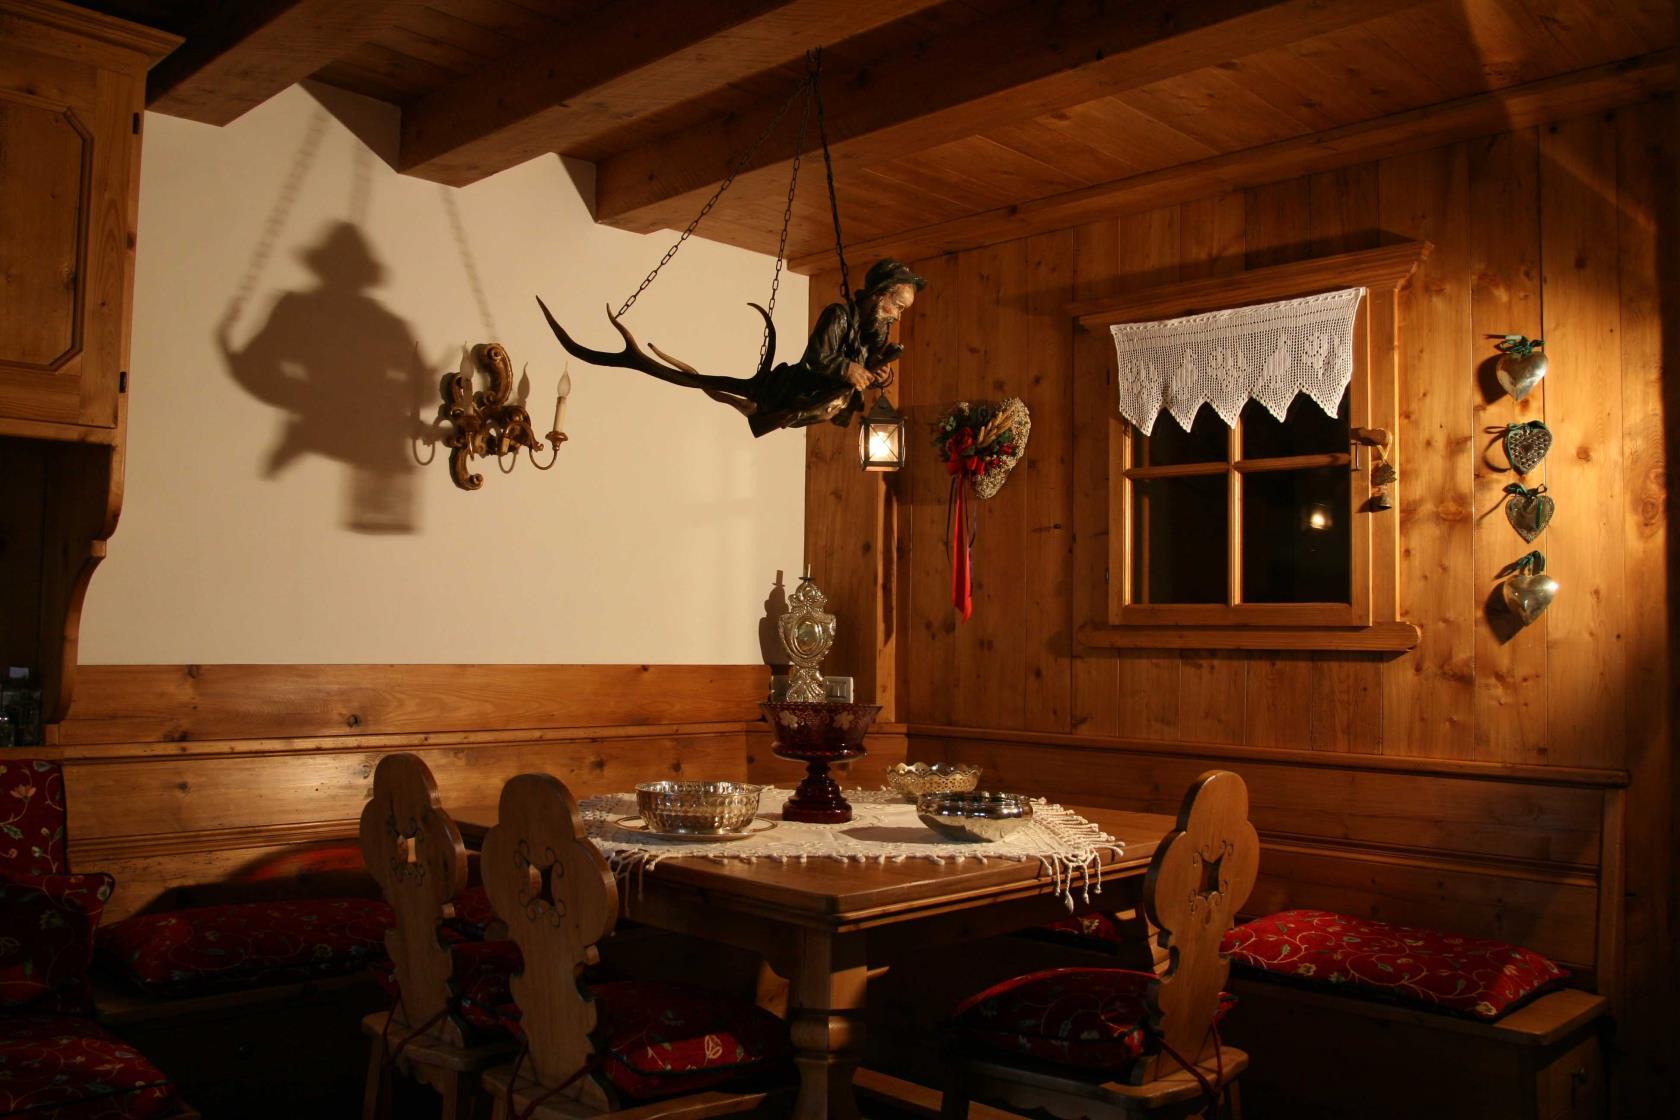 Vendita mobili antiquariato Cortina d'Ampezzo